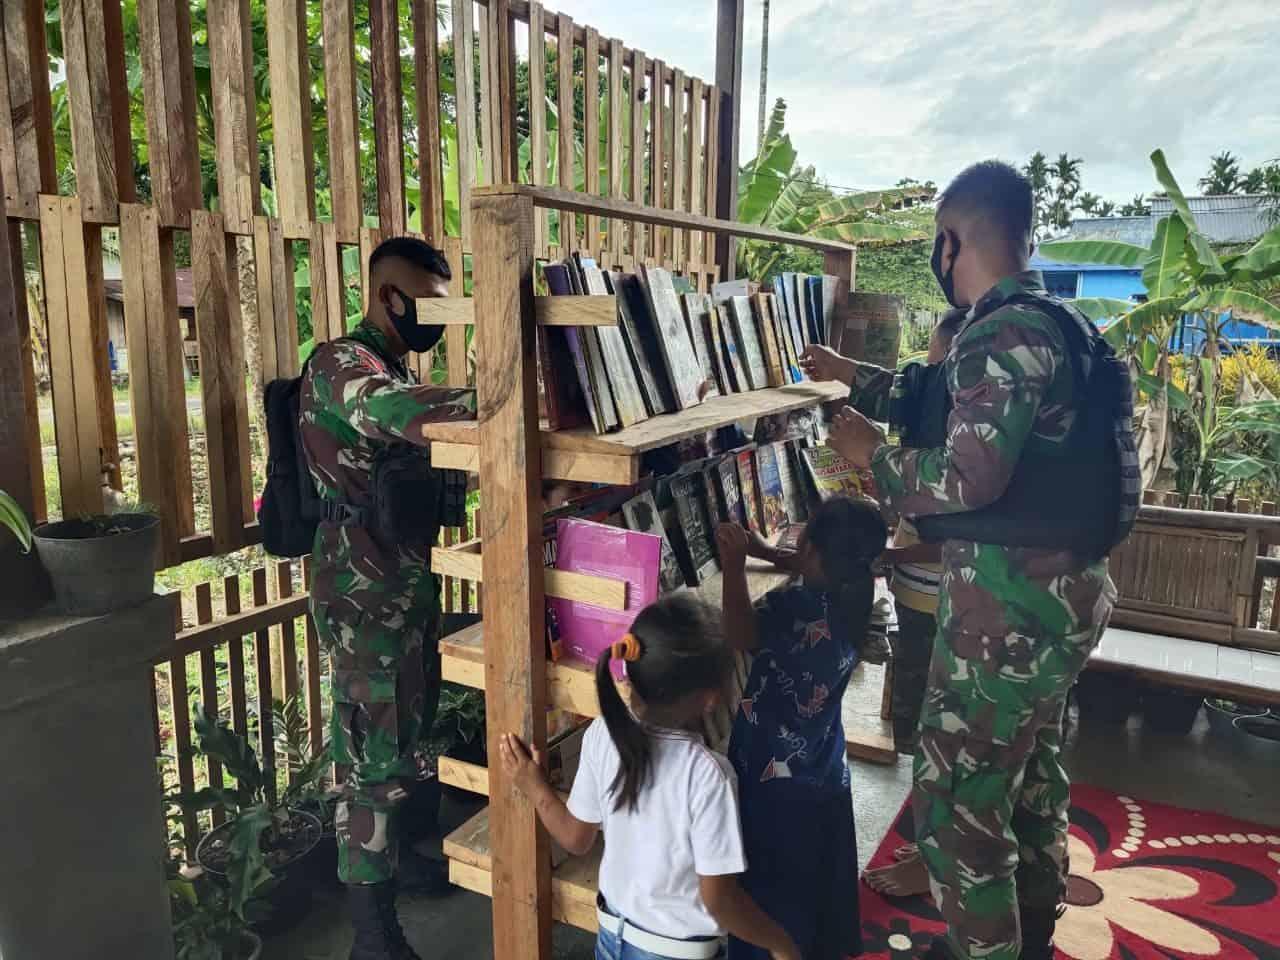 Dukung Pendidikan Anak Perbatasan RI-PNG, Satgas Yonif Raider 100/PS Sumbangkan Buku Pelajaran